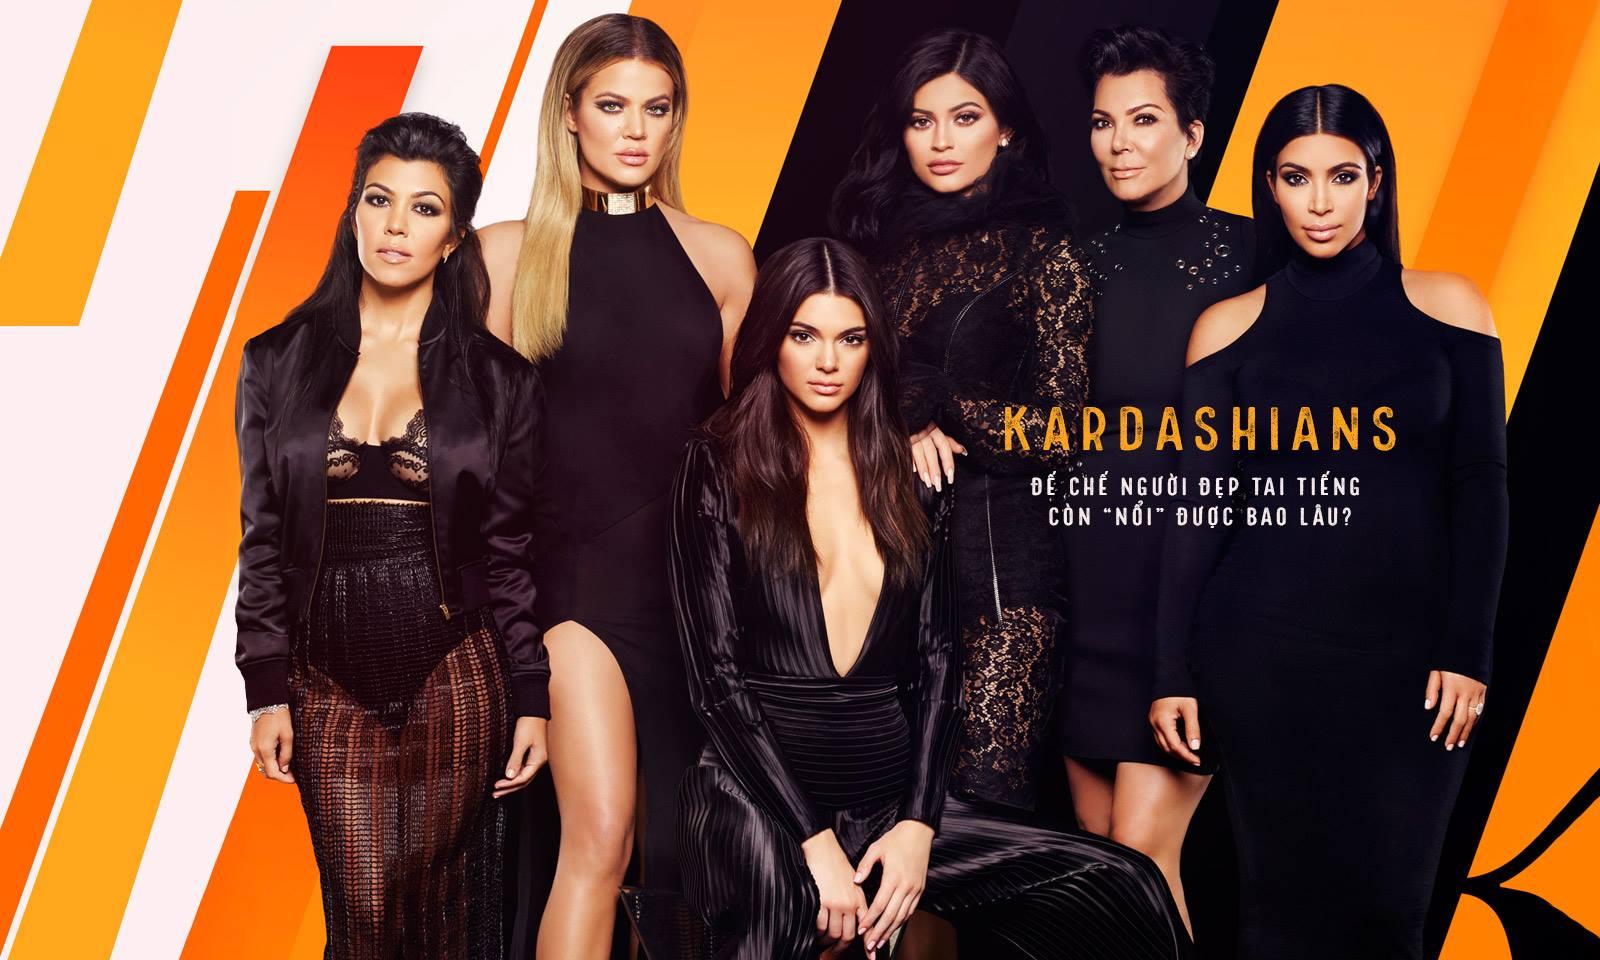 """Kardashians: Đế chế người đẹp tai tiếng còn """"nổi"""" được bao lâu?"""